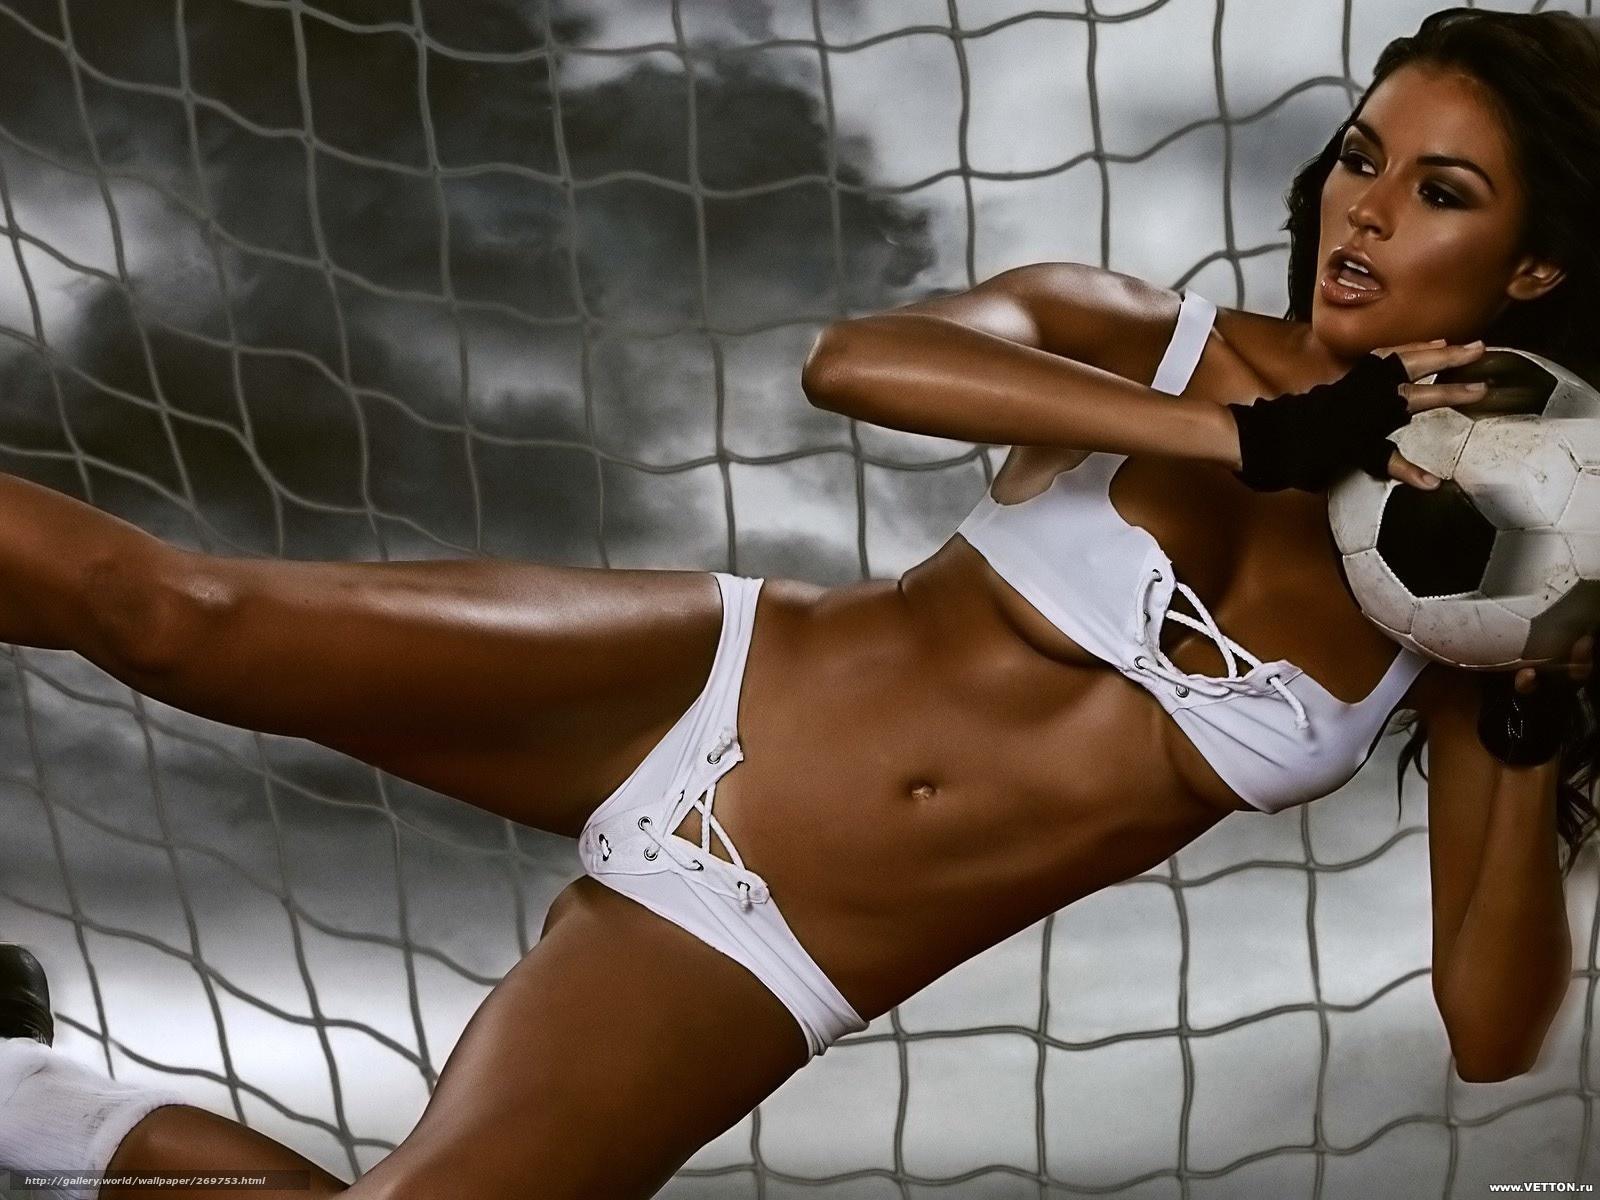 Самые лучшие голые девочки фото 11 фотография